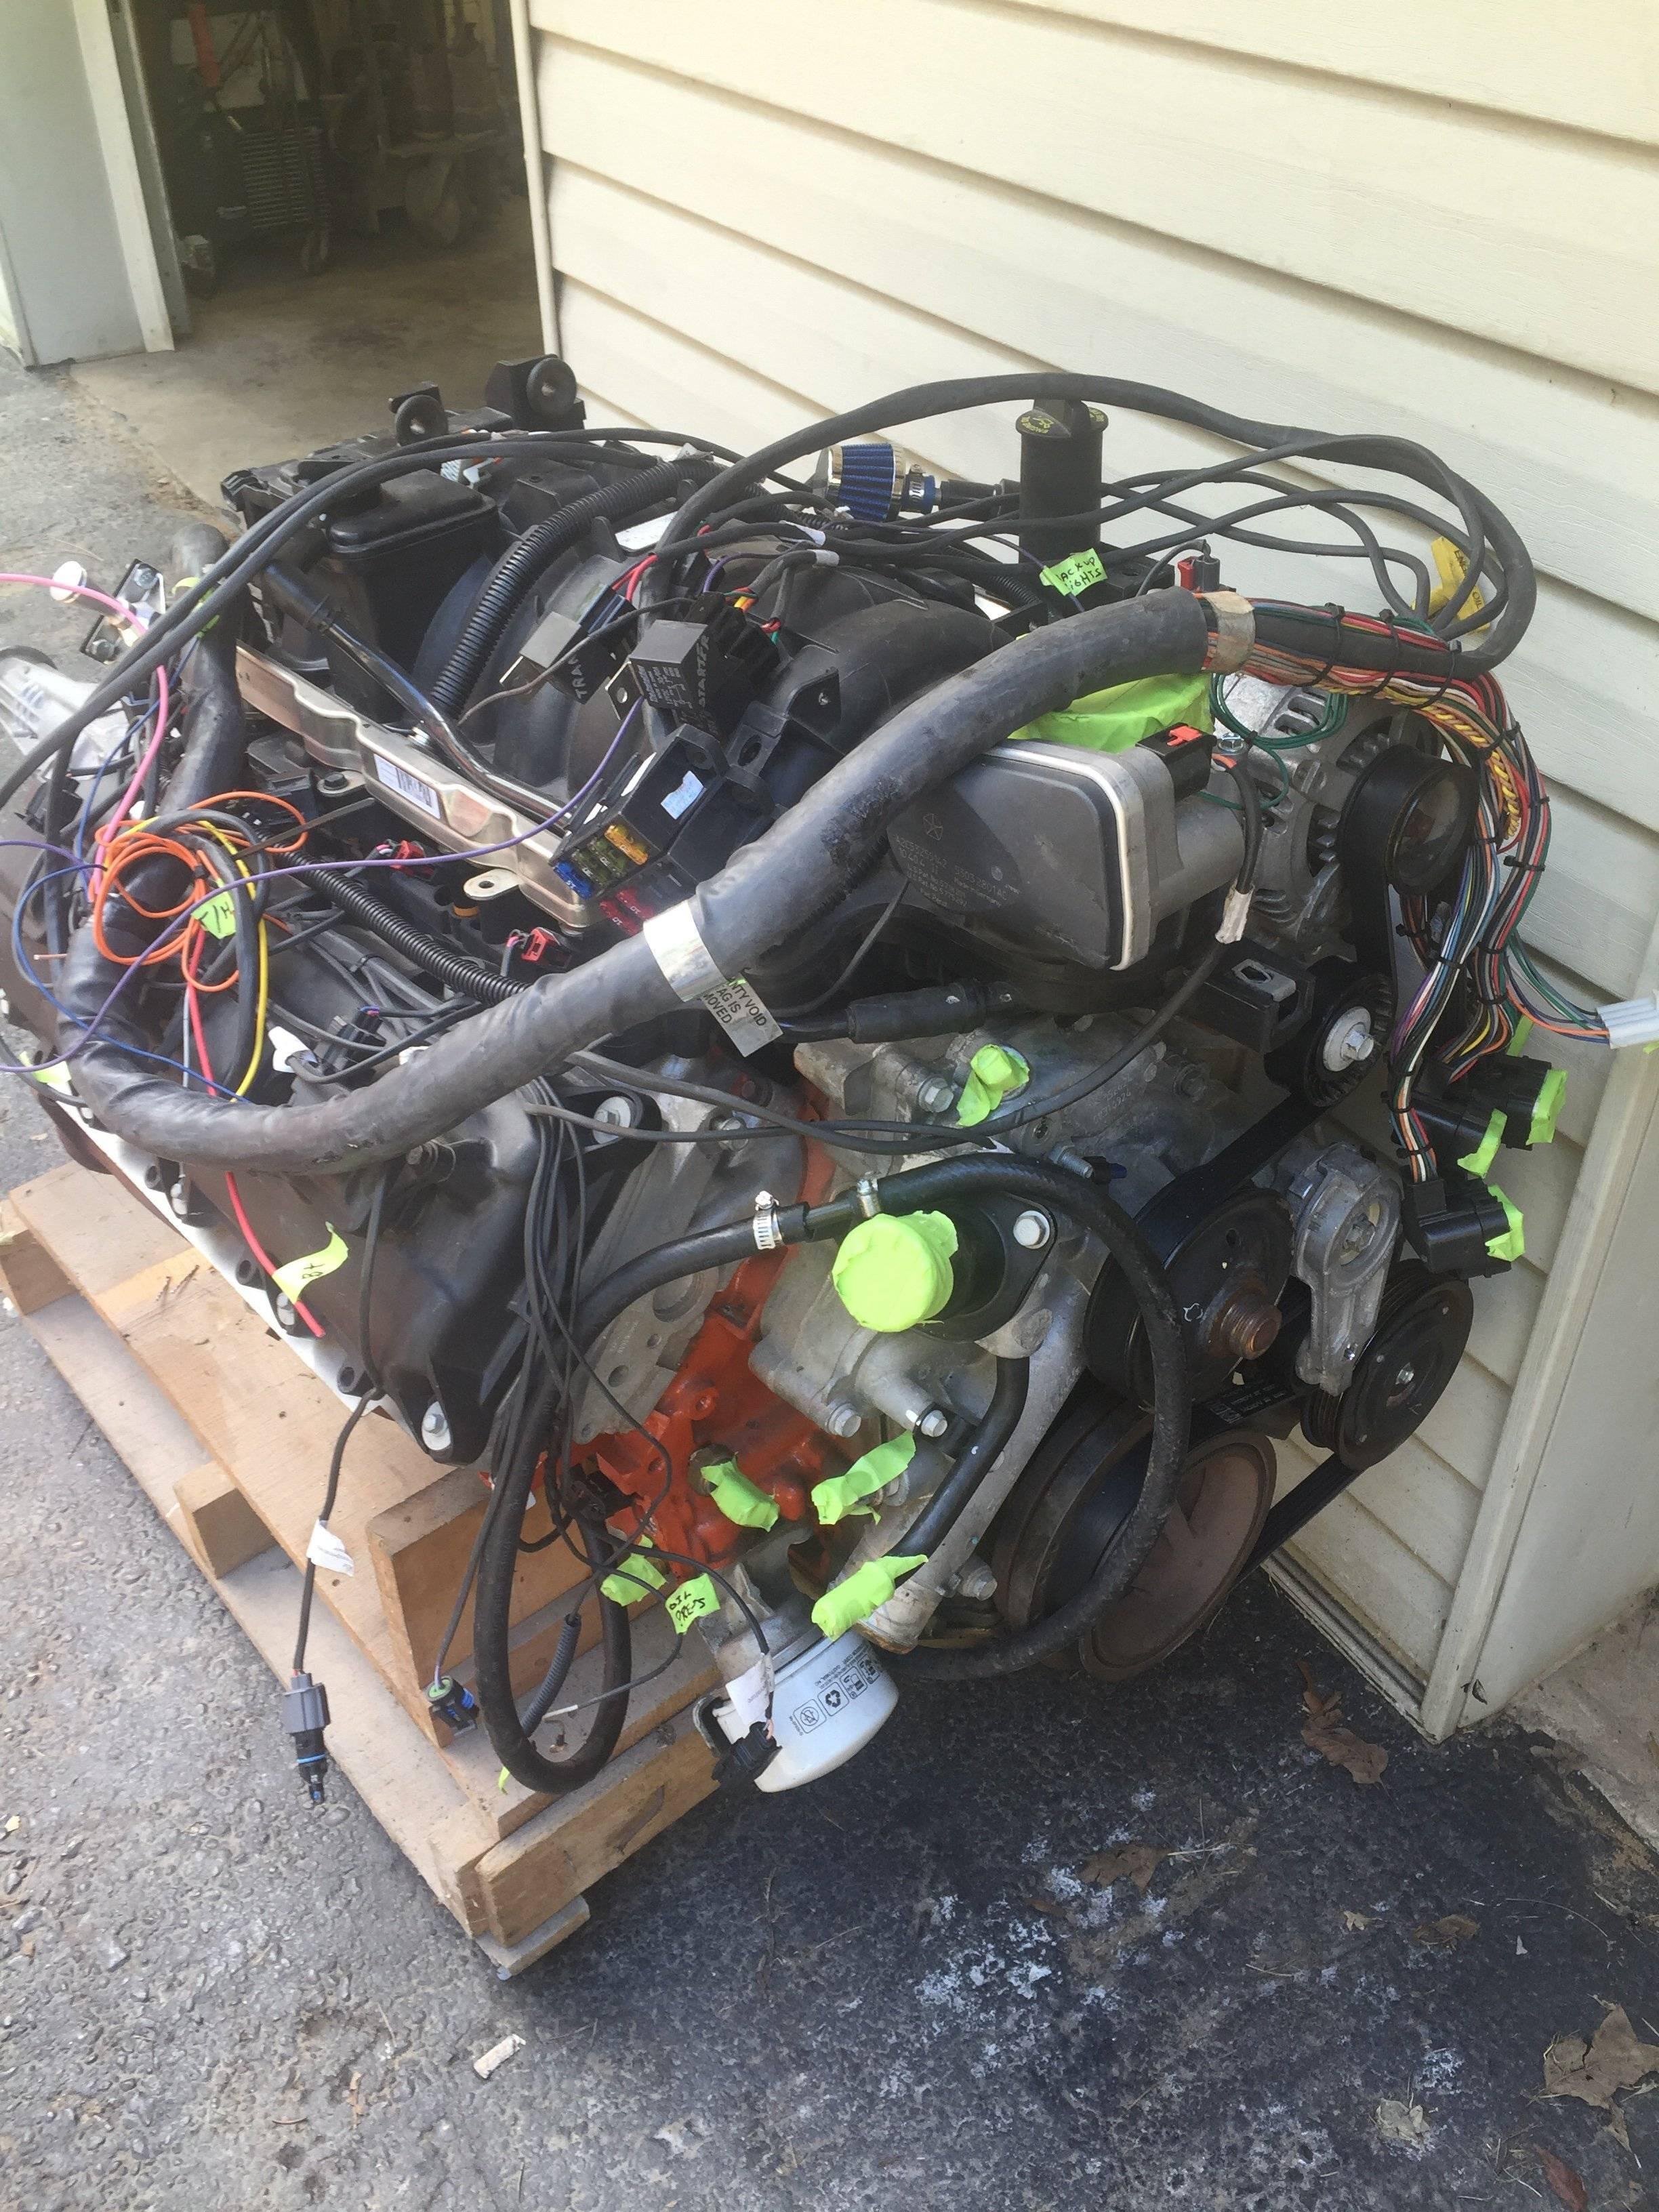 for sale 2011 dodge hemi 5 7 motor transmission 390 hp for a bodies only mopar forum. Black Bedroom Furniture Sets. Home Design Ideas